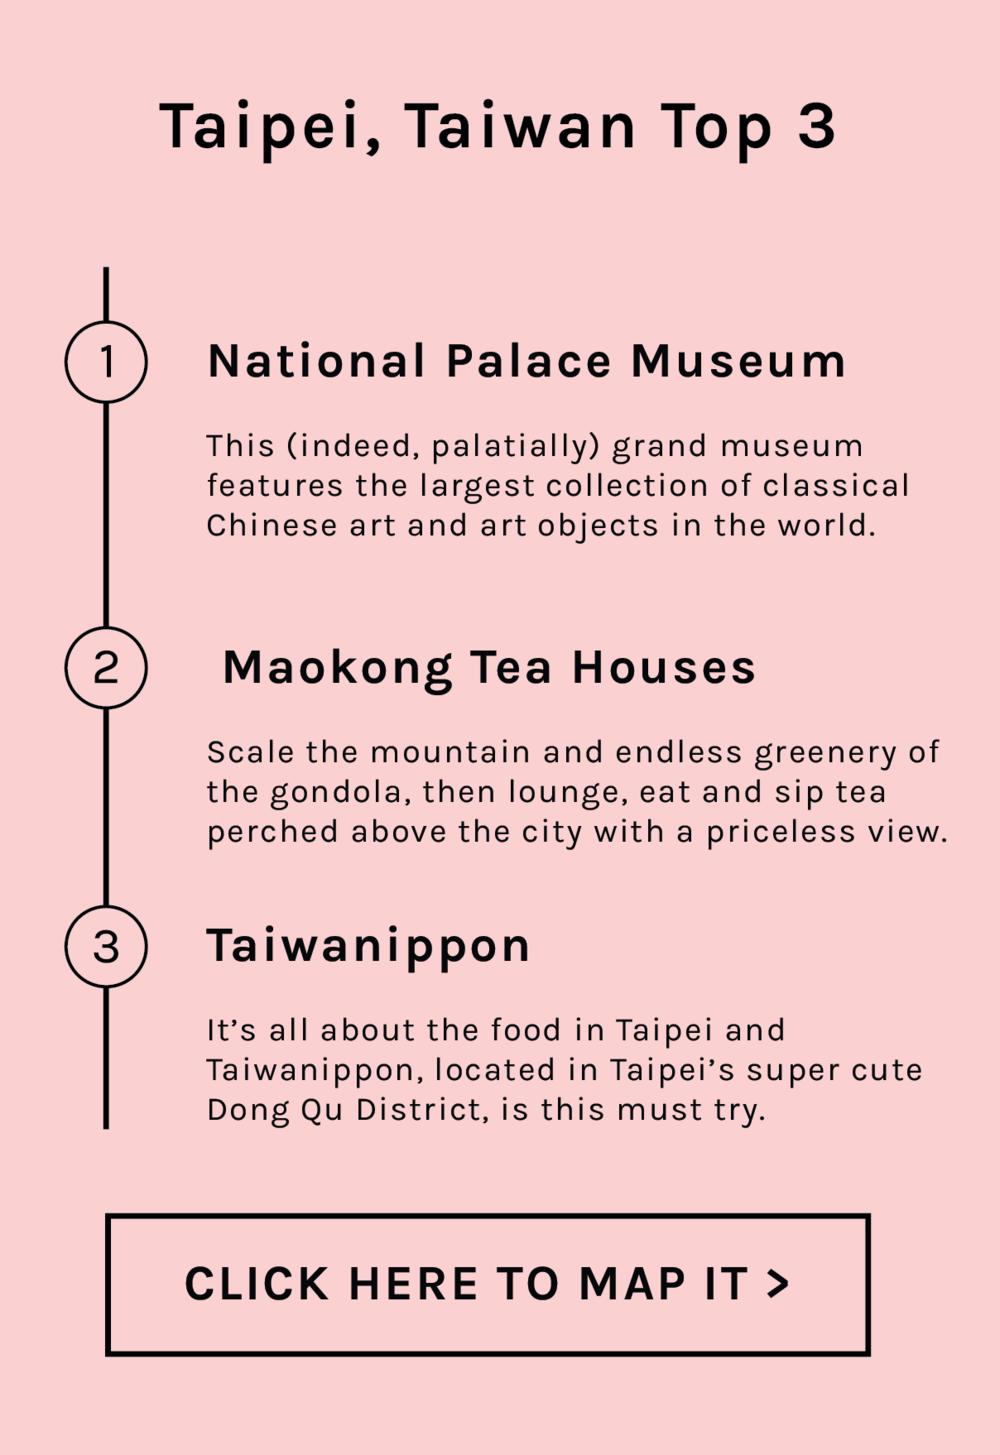 LSG-Taipei-Taiwan-Top-3